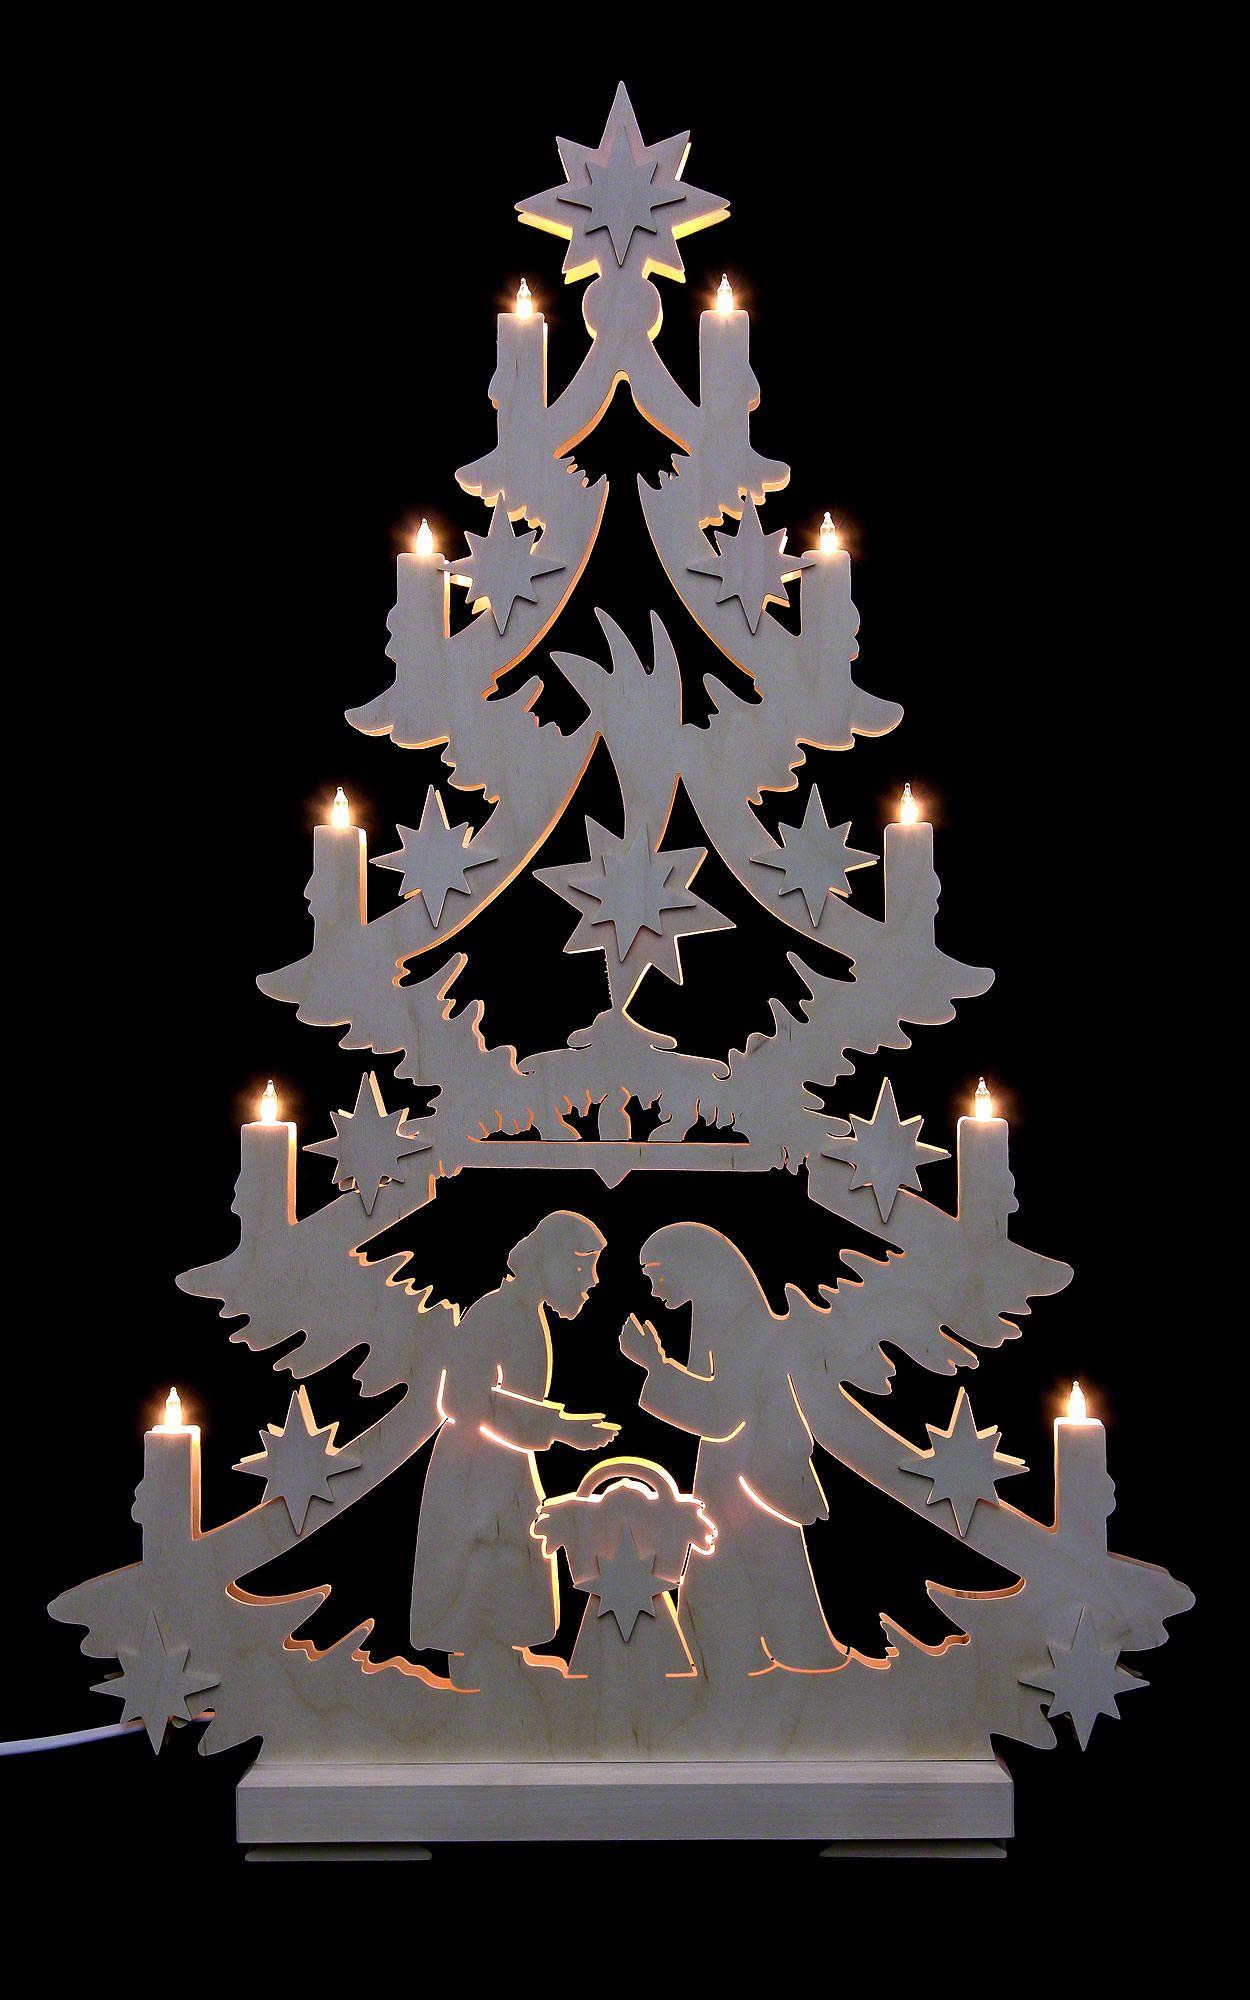 traditionelle lichterspitze christbaum deutsche. Black Bedroom Furniture Sets. Home Design Ideas